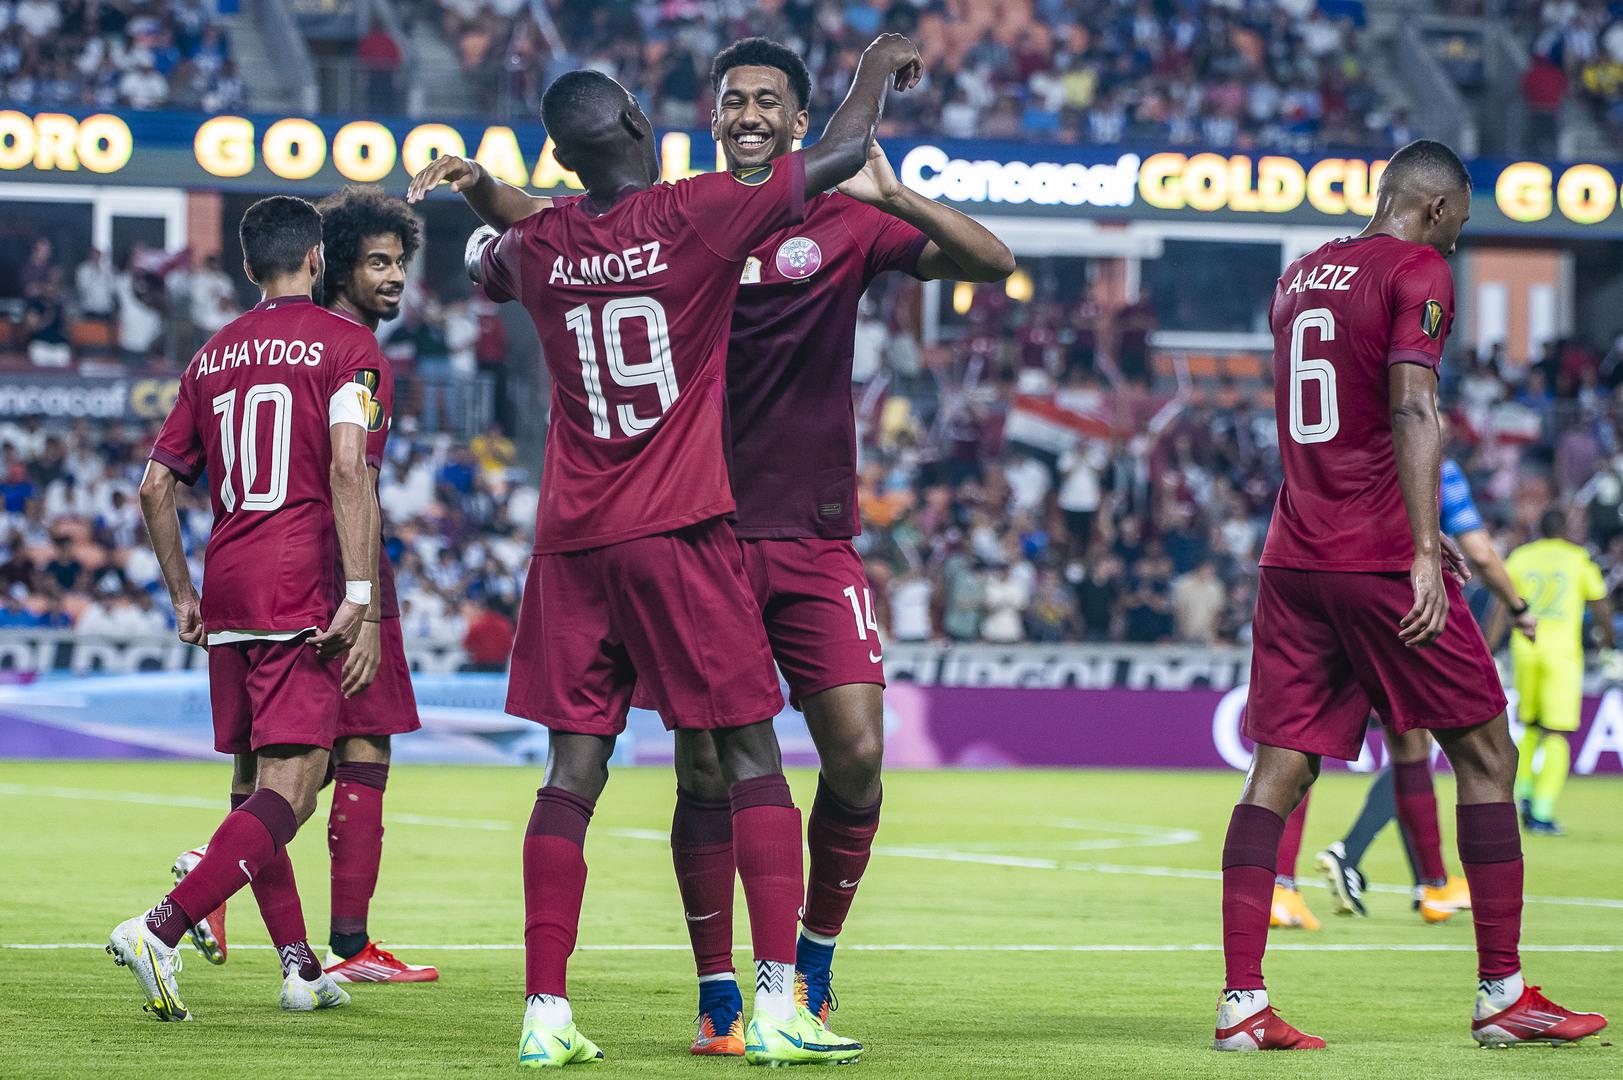 Qatar fend off Honduras to claim Group D